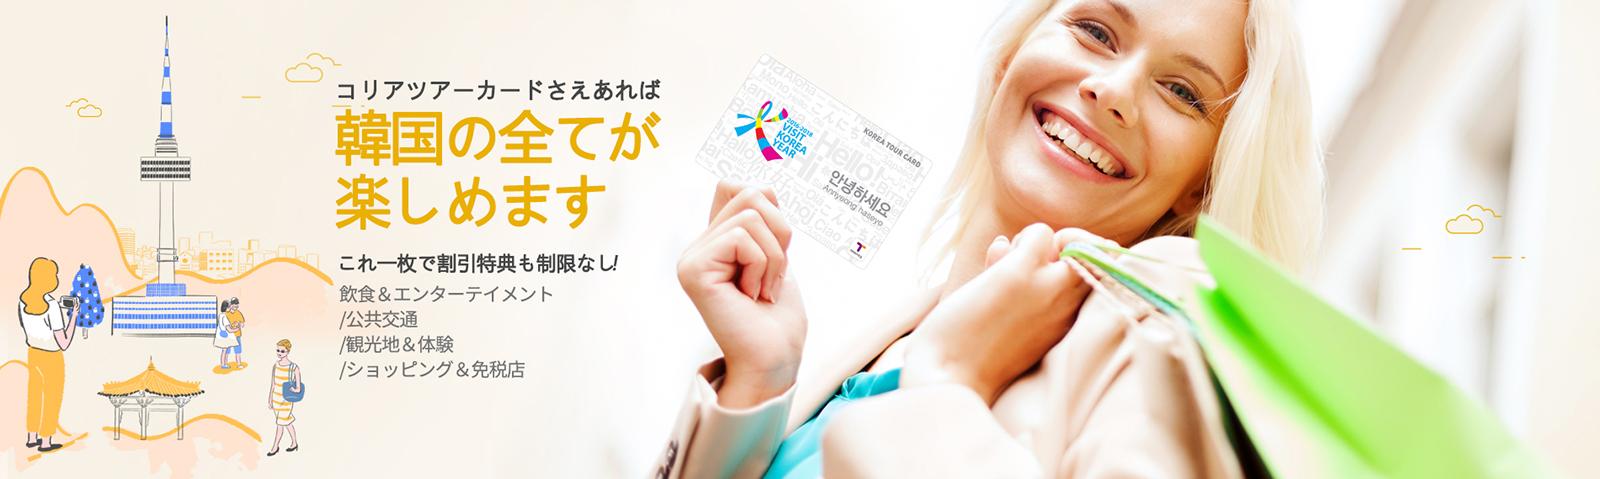 pc_main4_jp